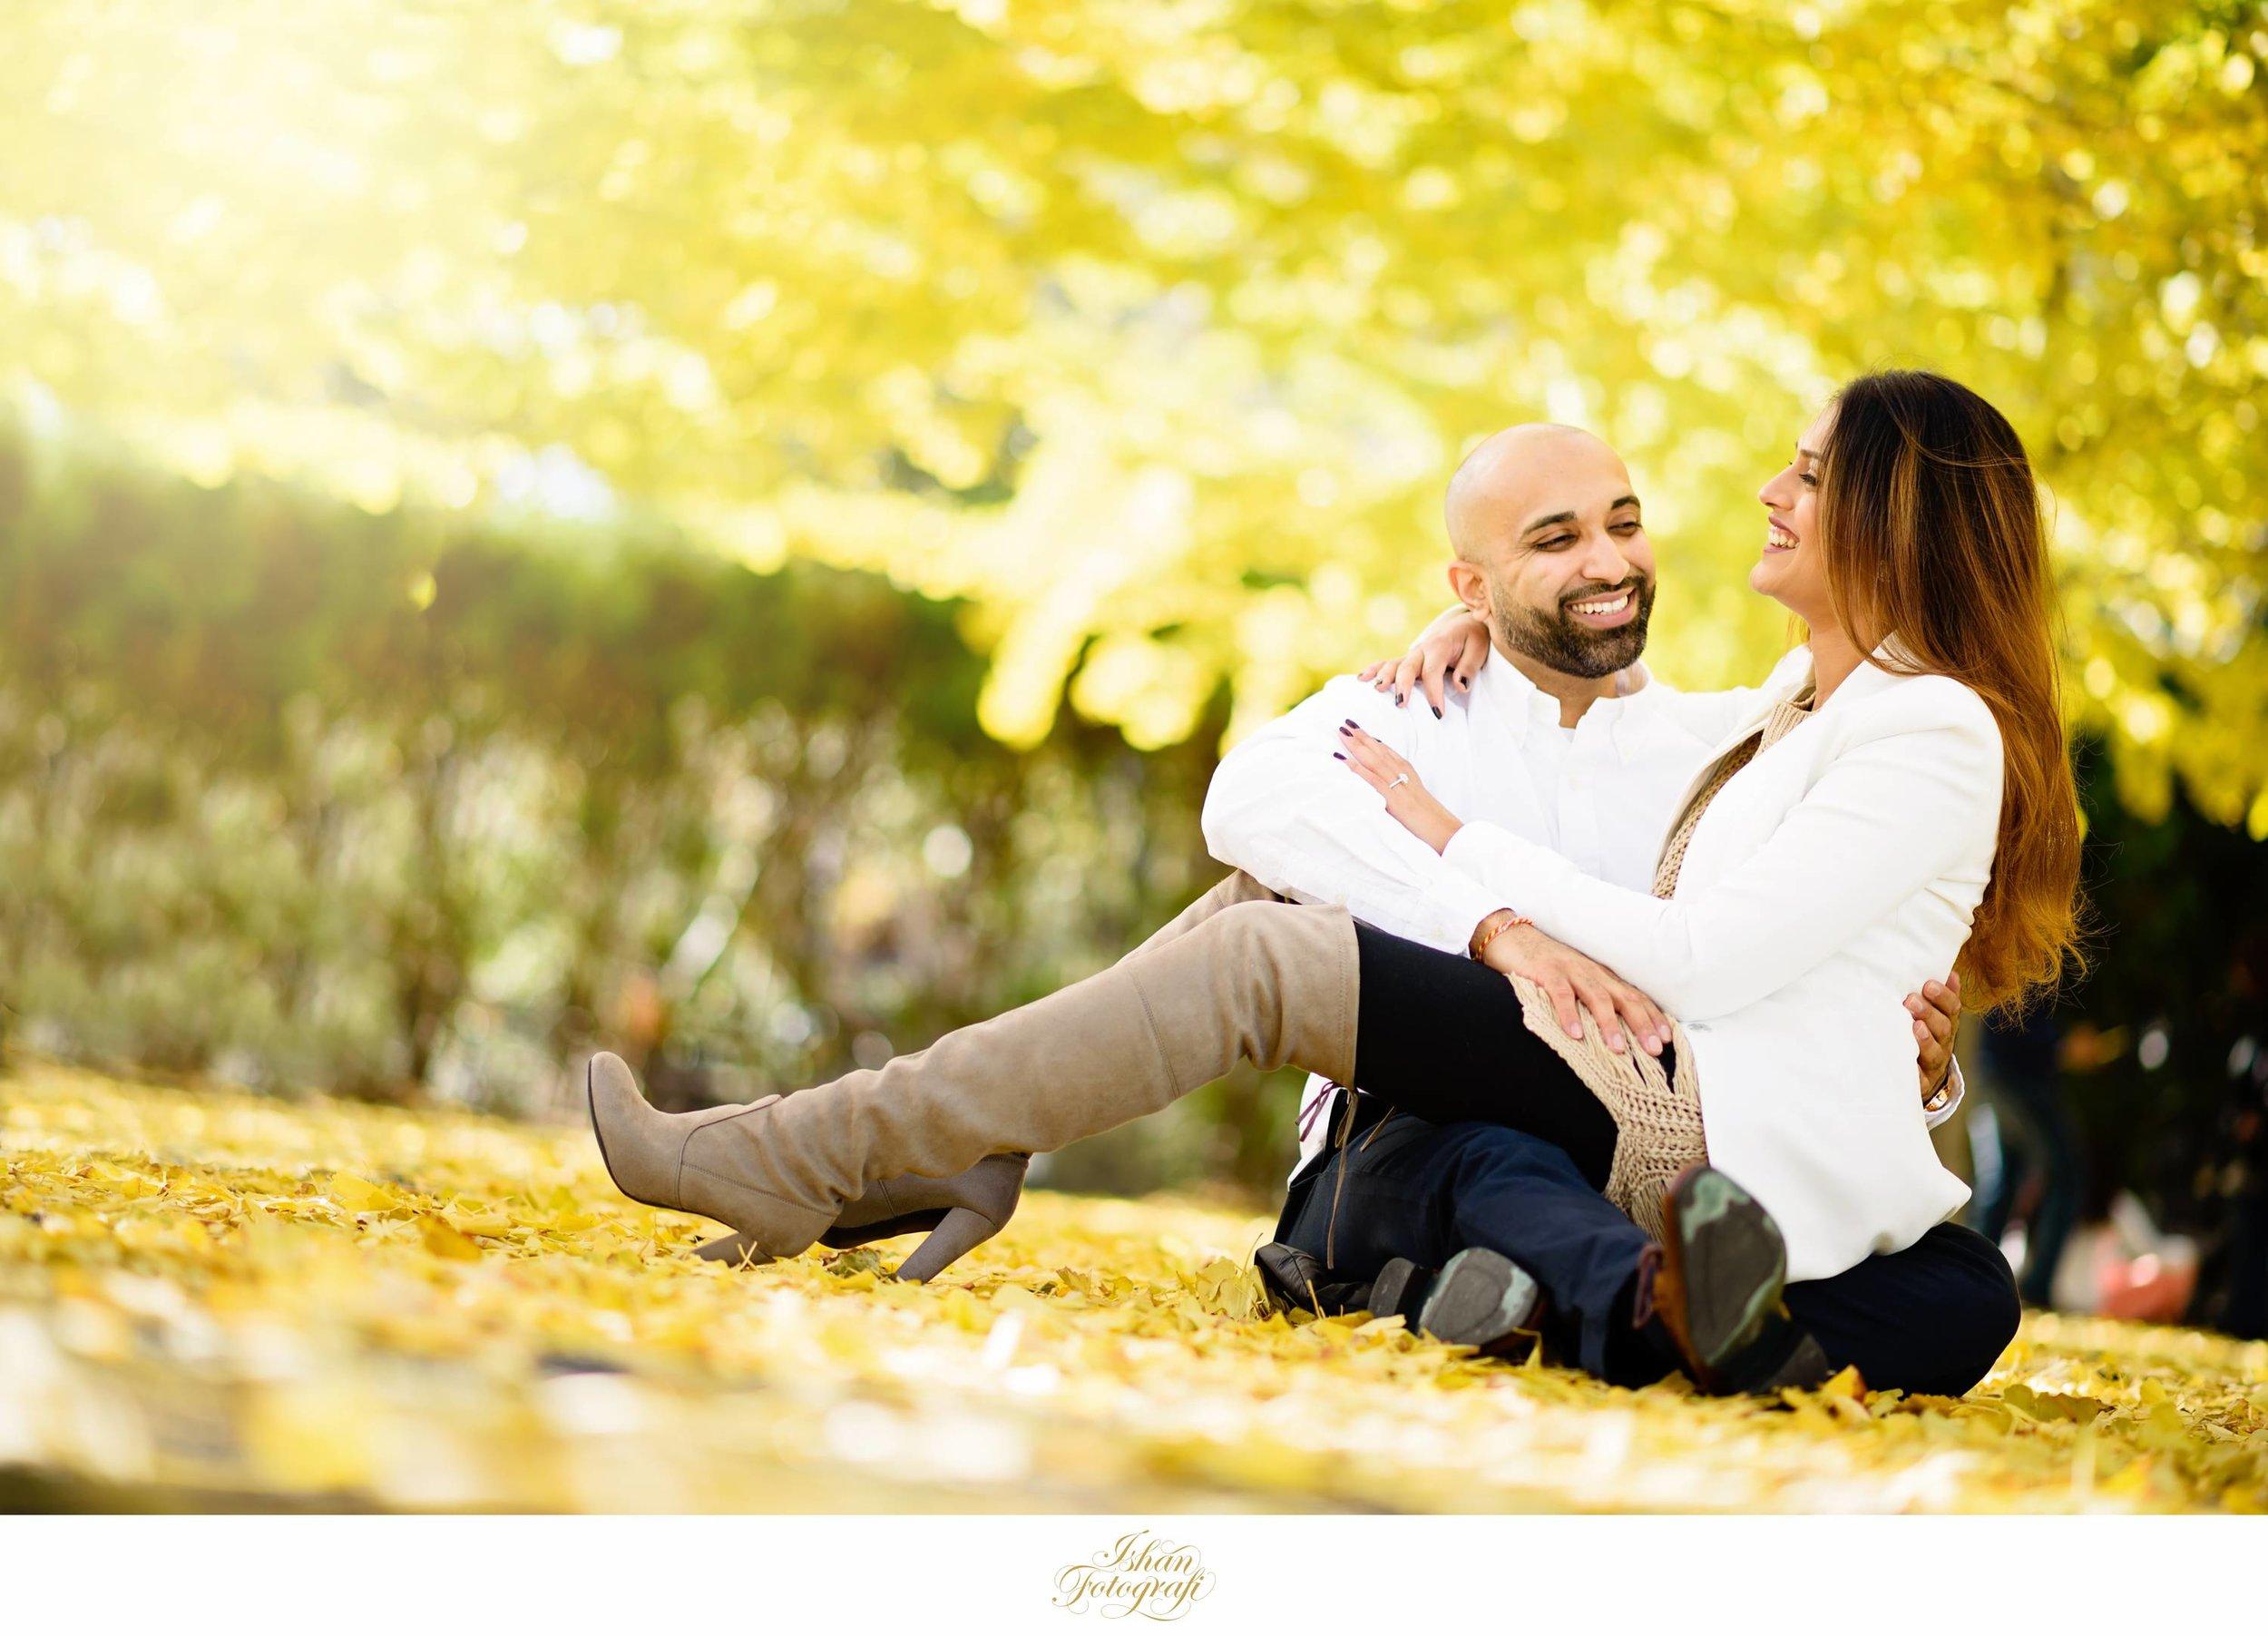 Engagement photos in Hoboken, NJ.